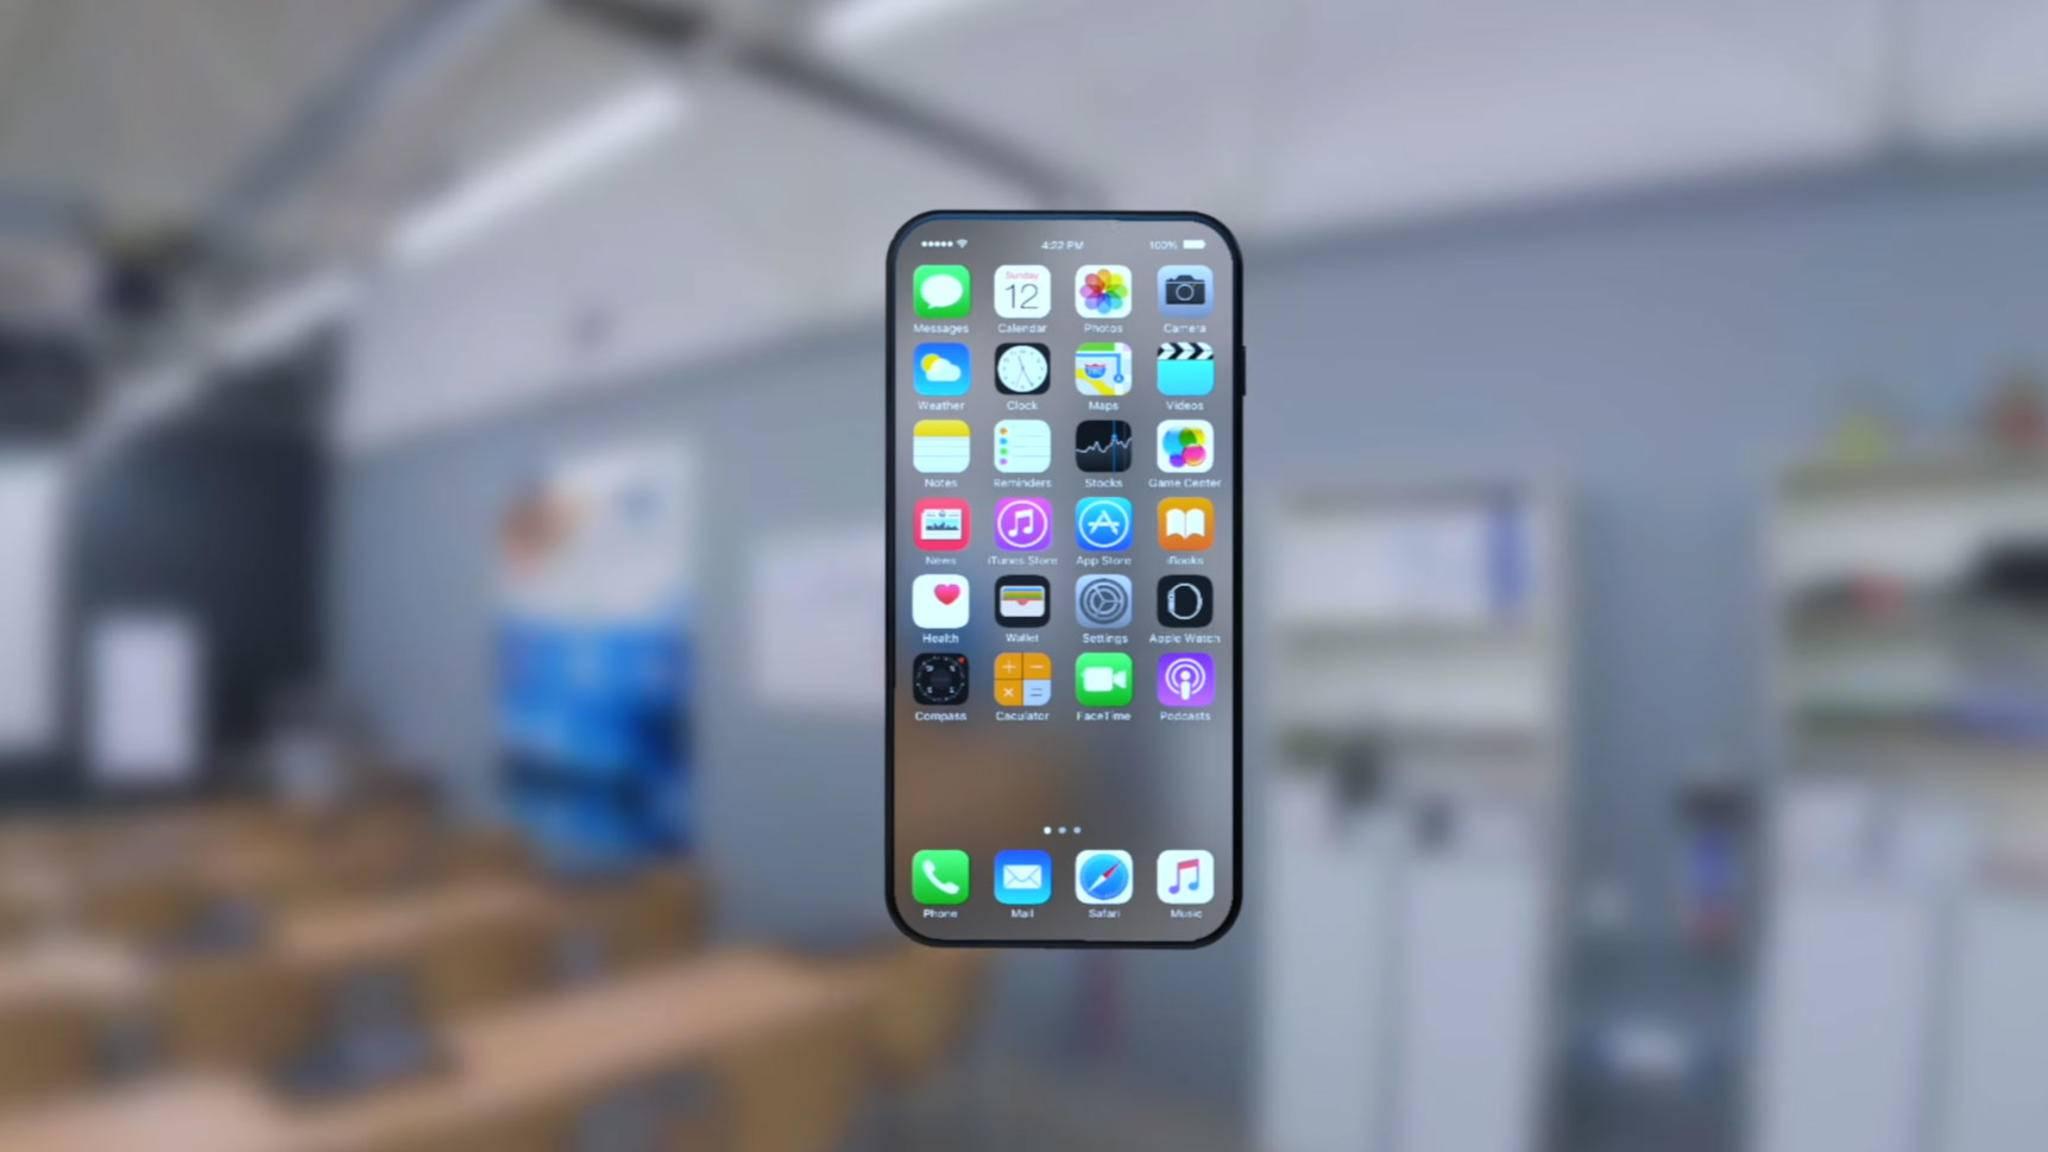 Ob das iPhone 8 tatsächlich einen nahezu randlosen Screen haben wird, bleibt noch abzuwarten.